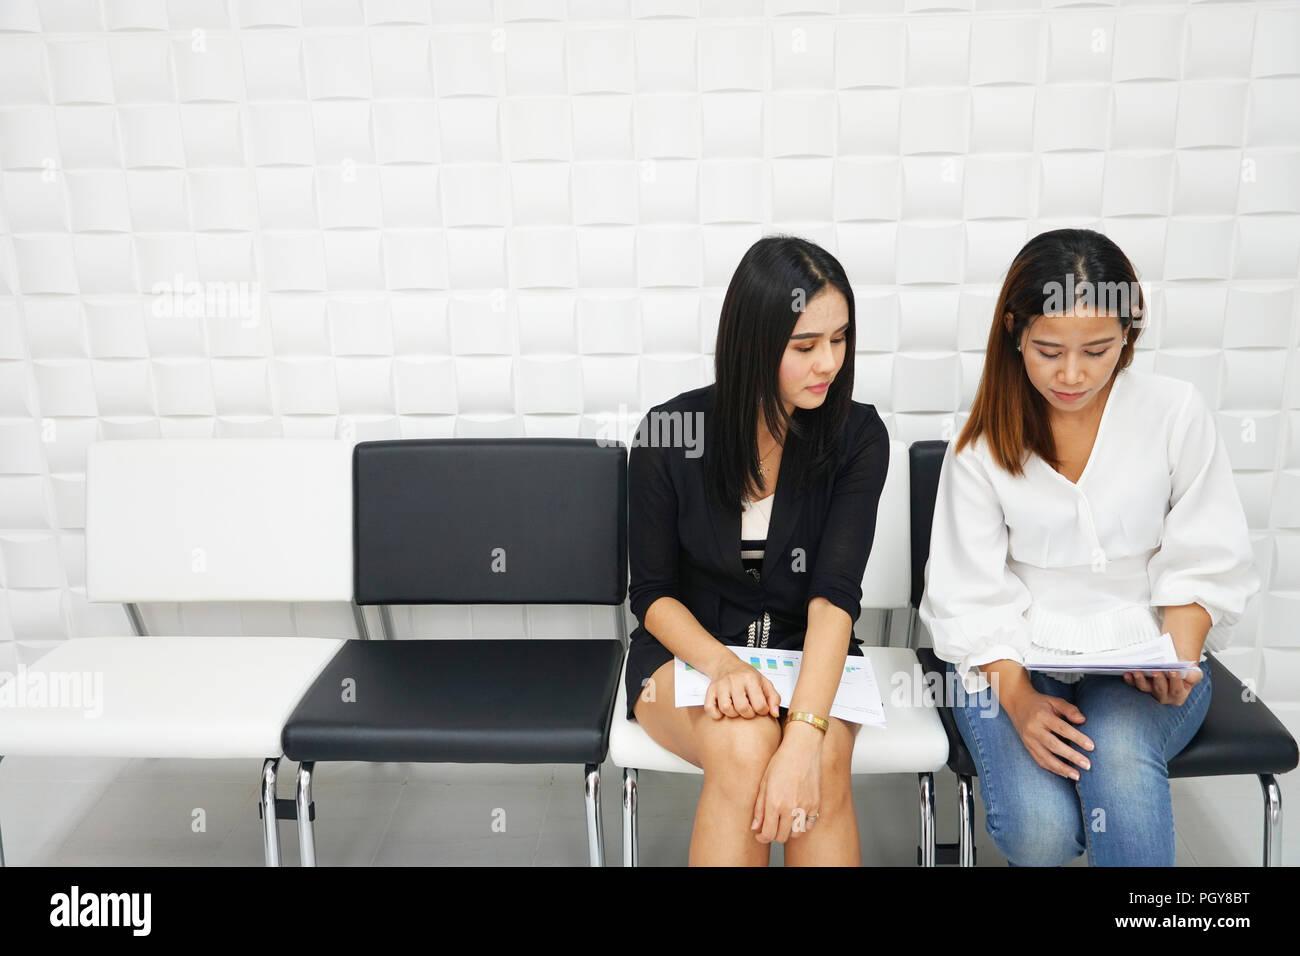 Dos mujeres esperan para esperar una entrevista. Imagen De Stock